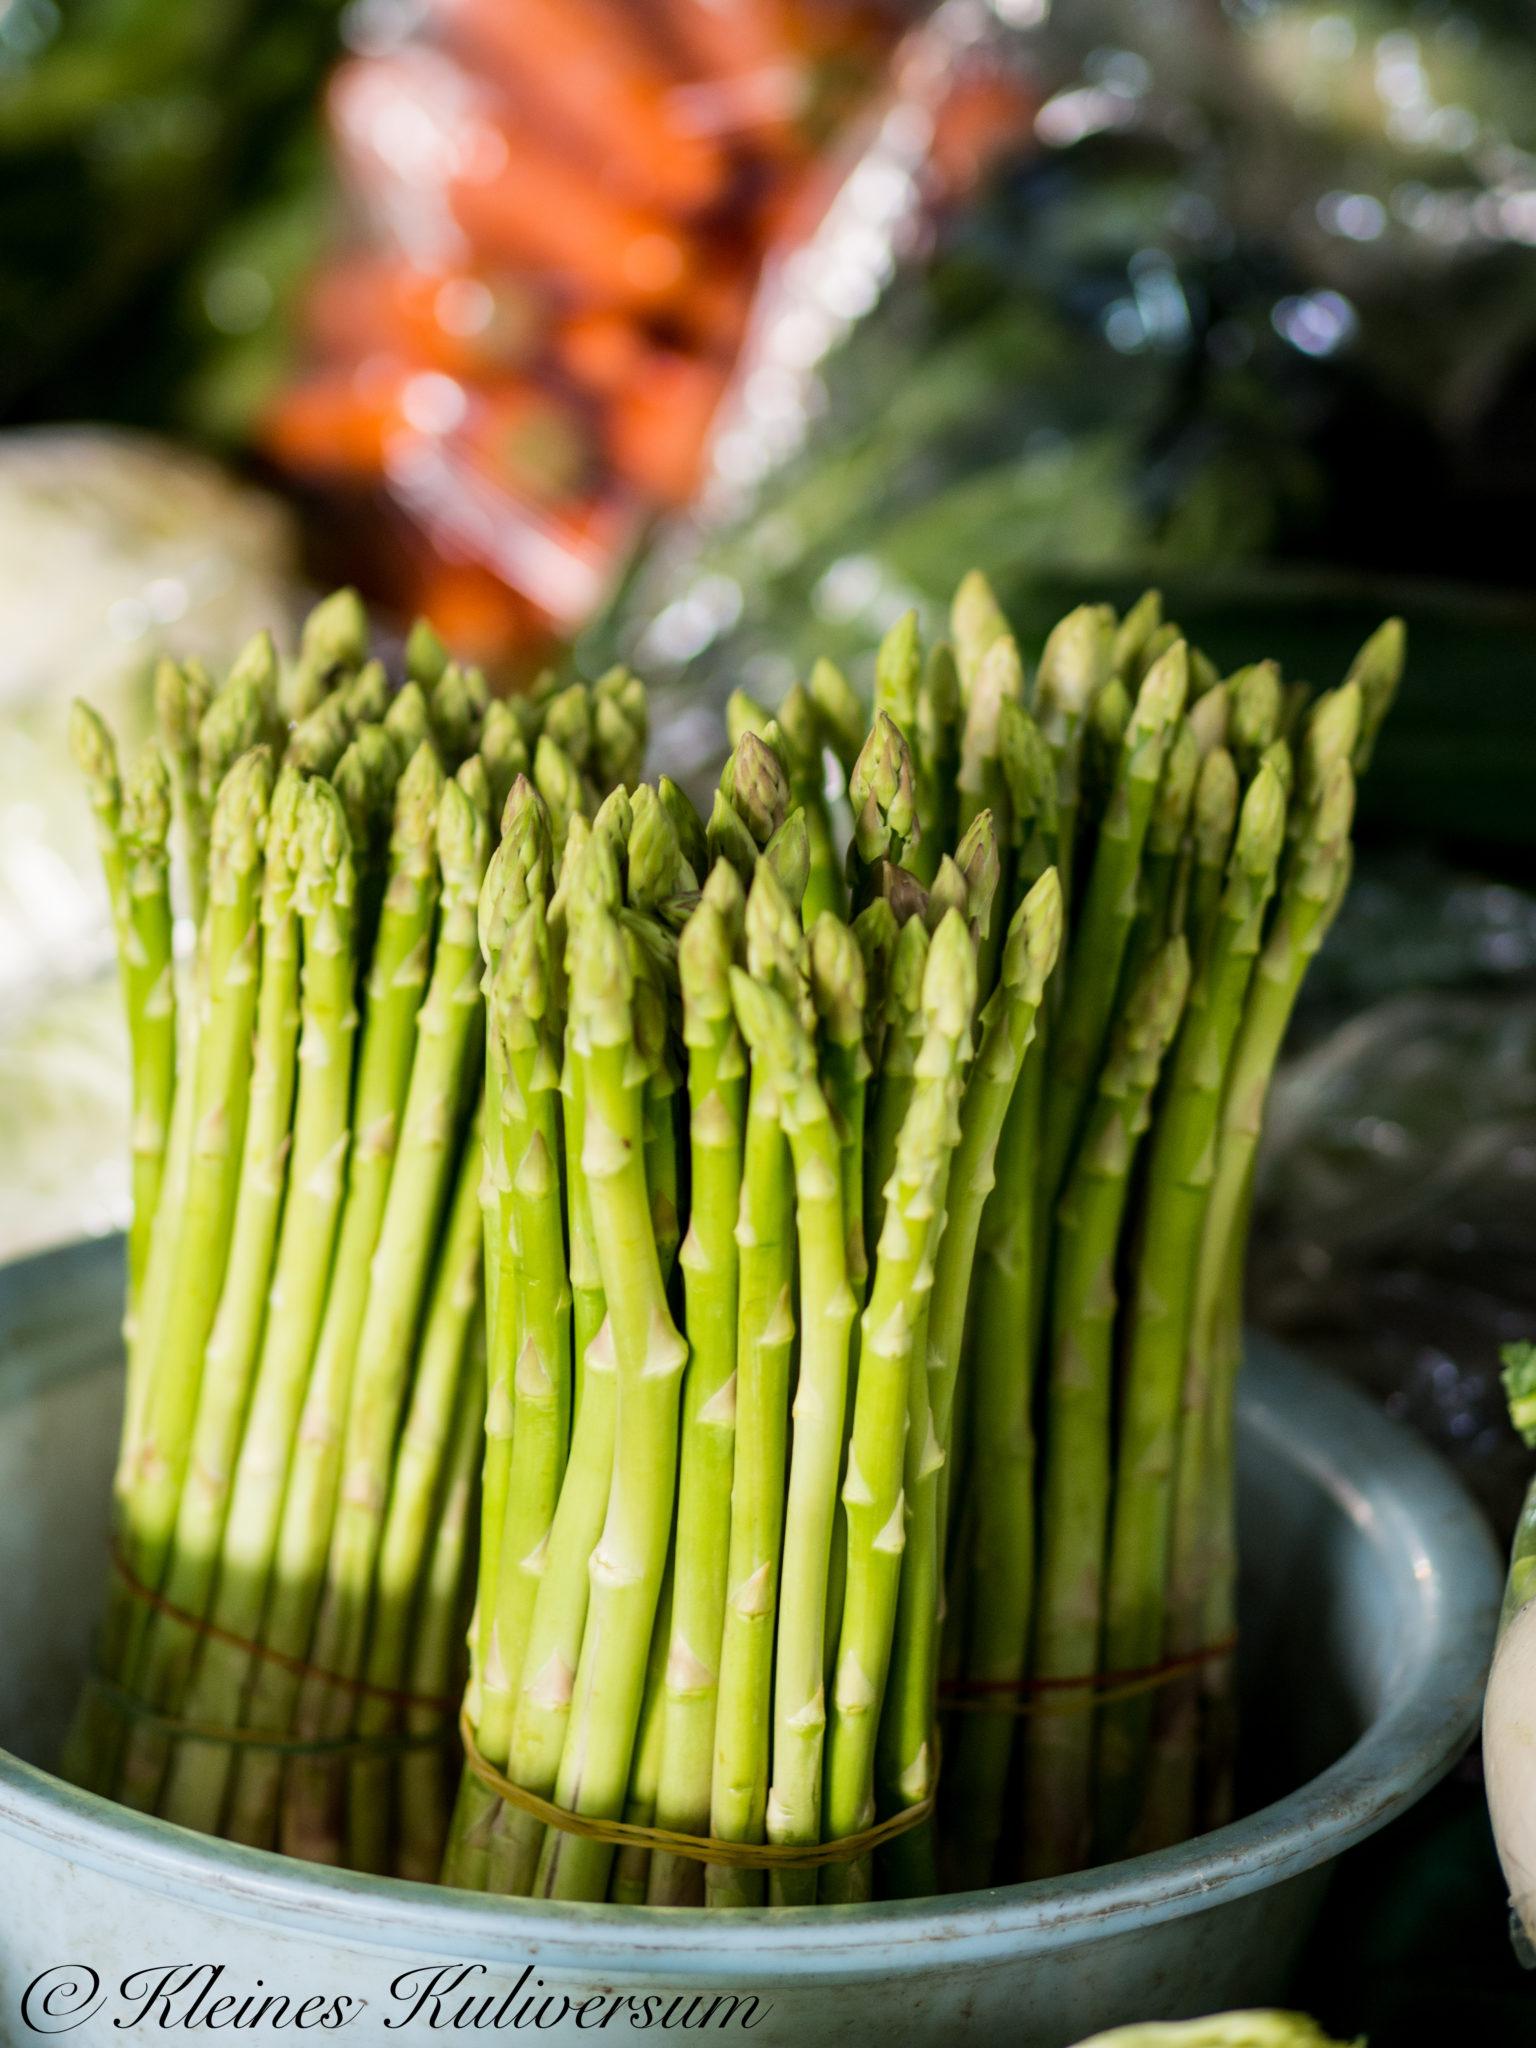 Bangkok - Ein Foodguide für Vegetarier - Kleines Kuliversum